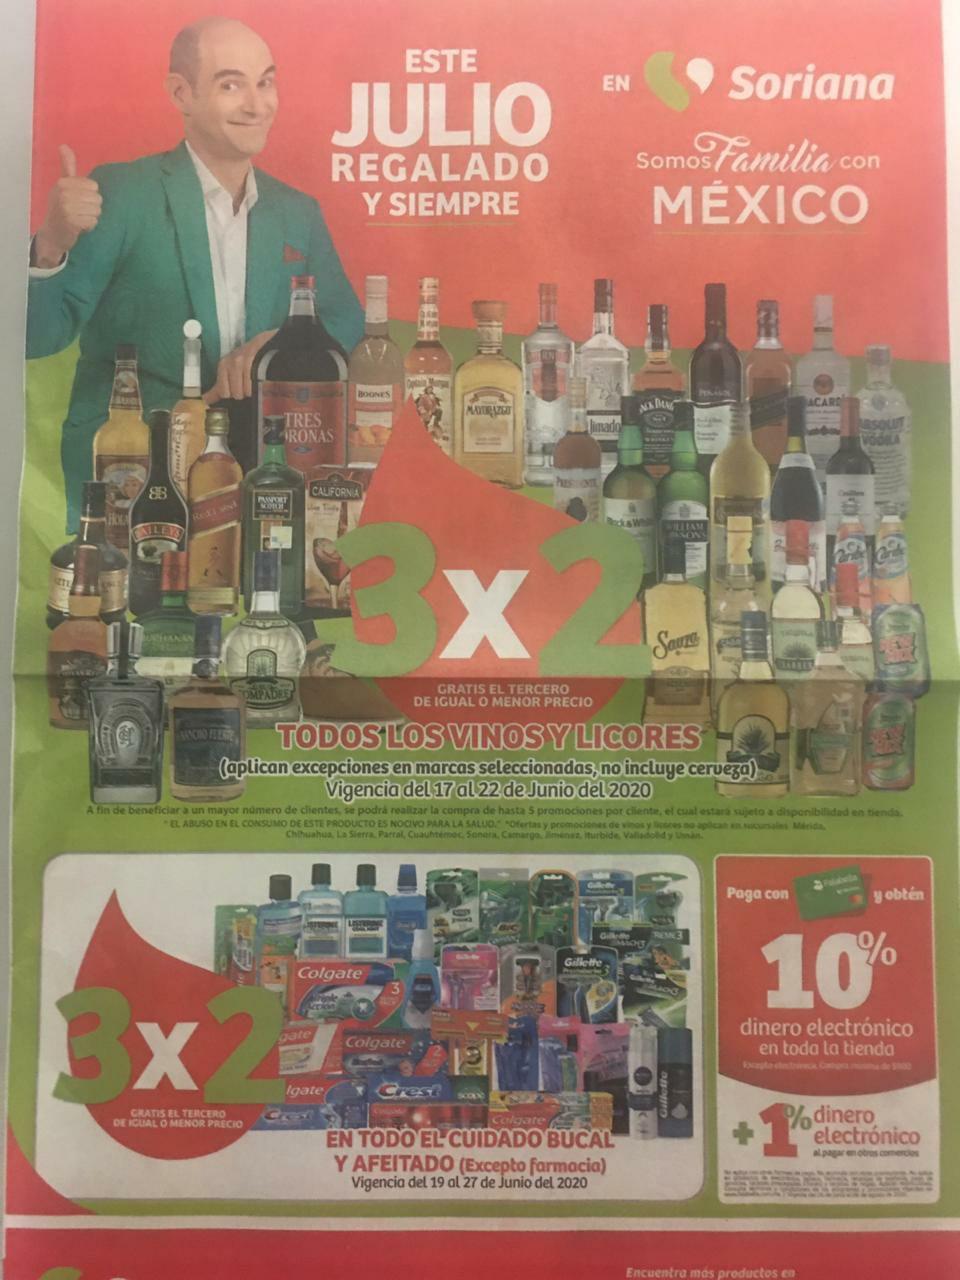 Julio Regalado 2020: Folleto de Ofertas Soriana Mercado y Express del 19 al 25 de Junio